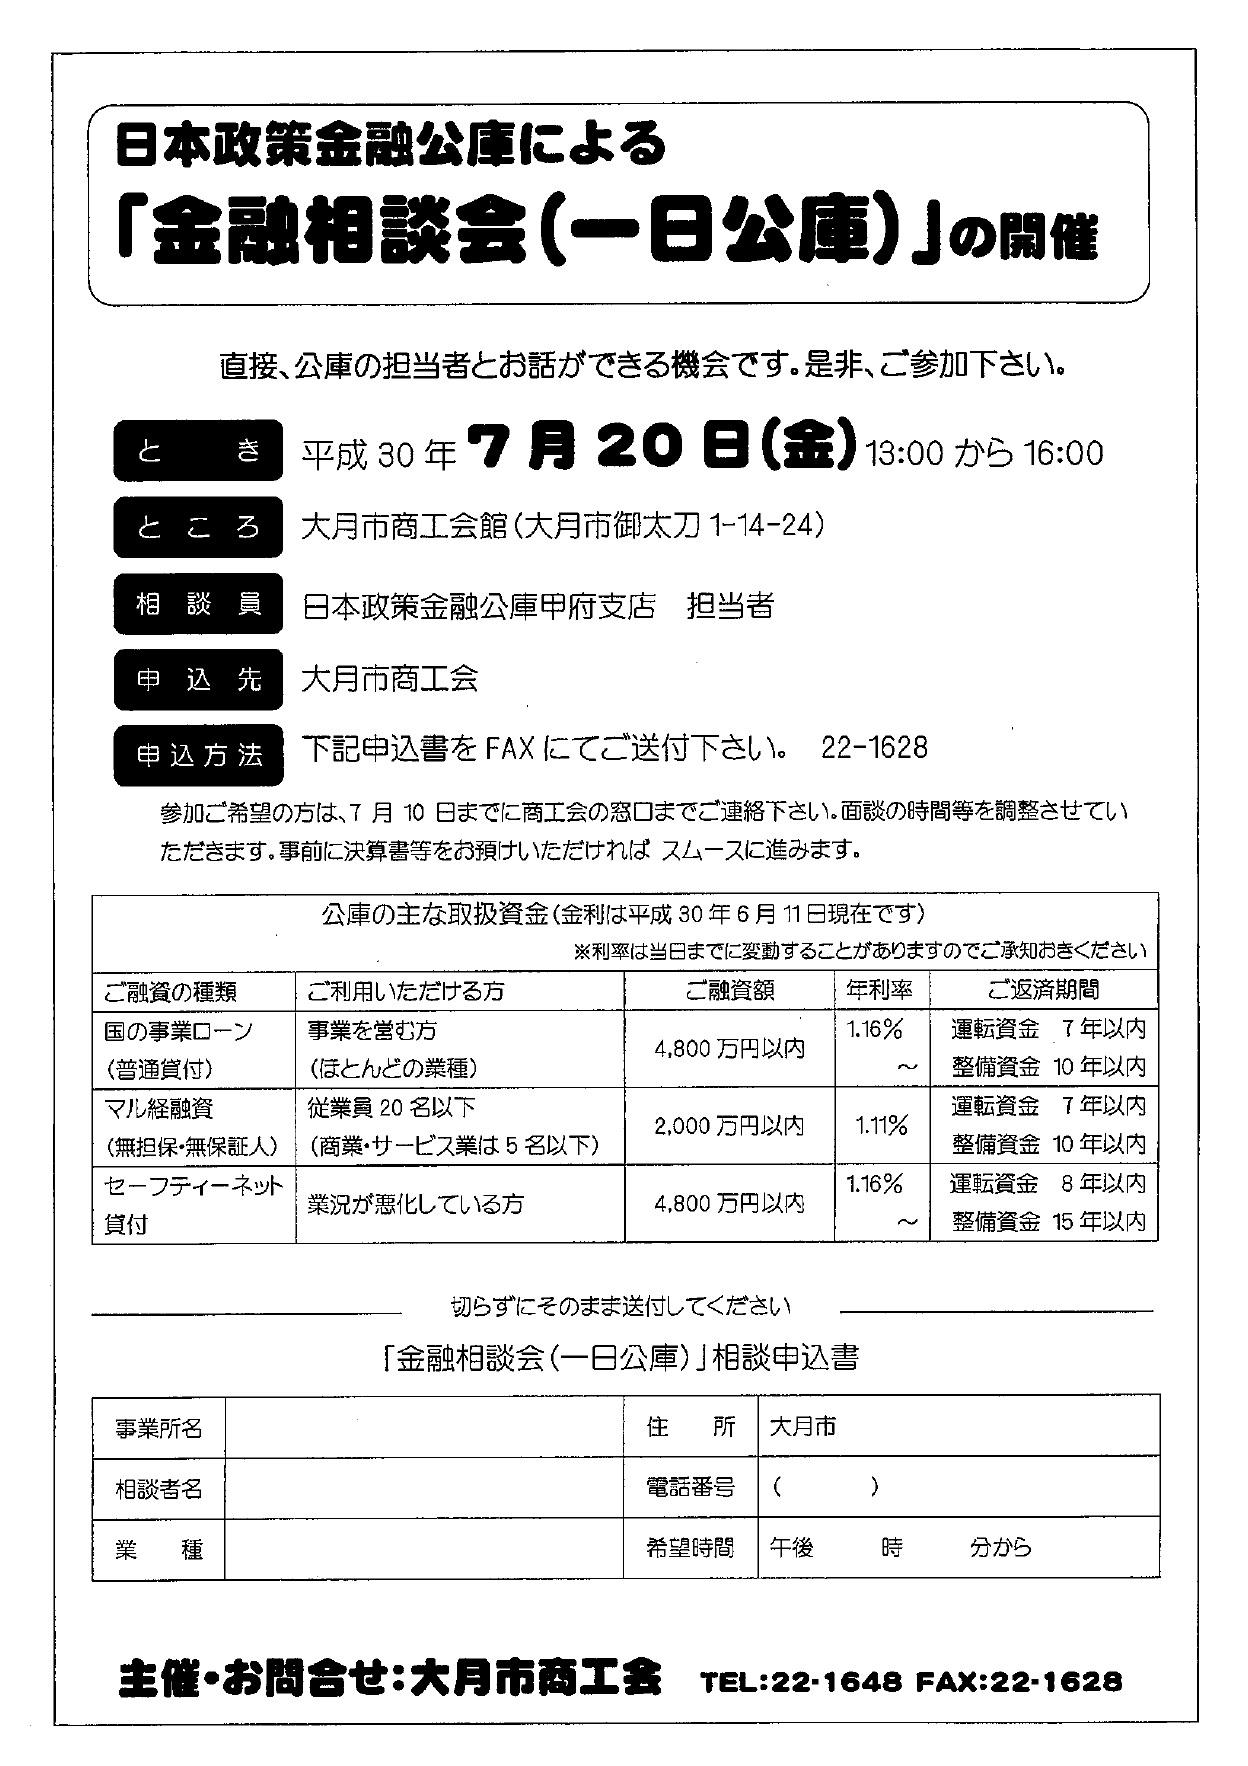 金融相談会(一日公庫)